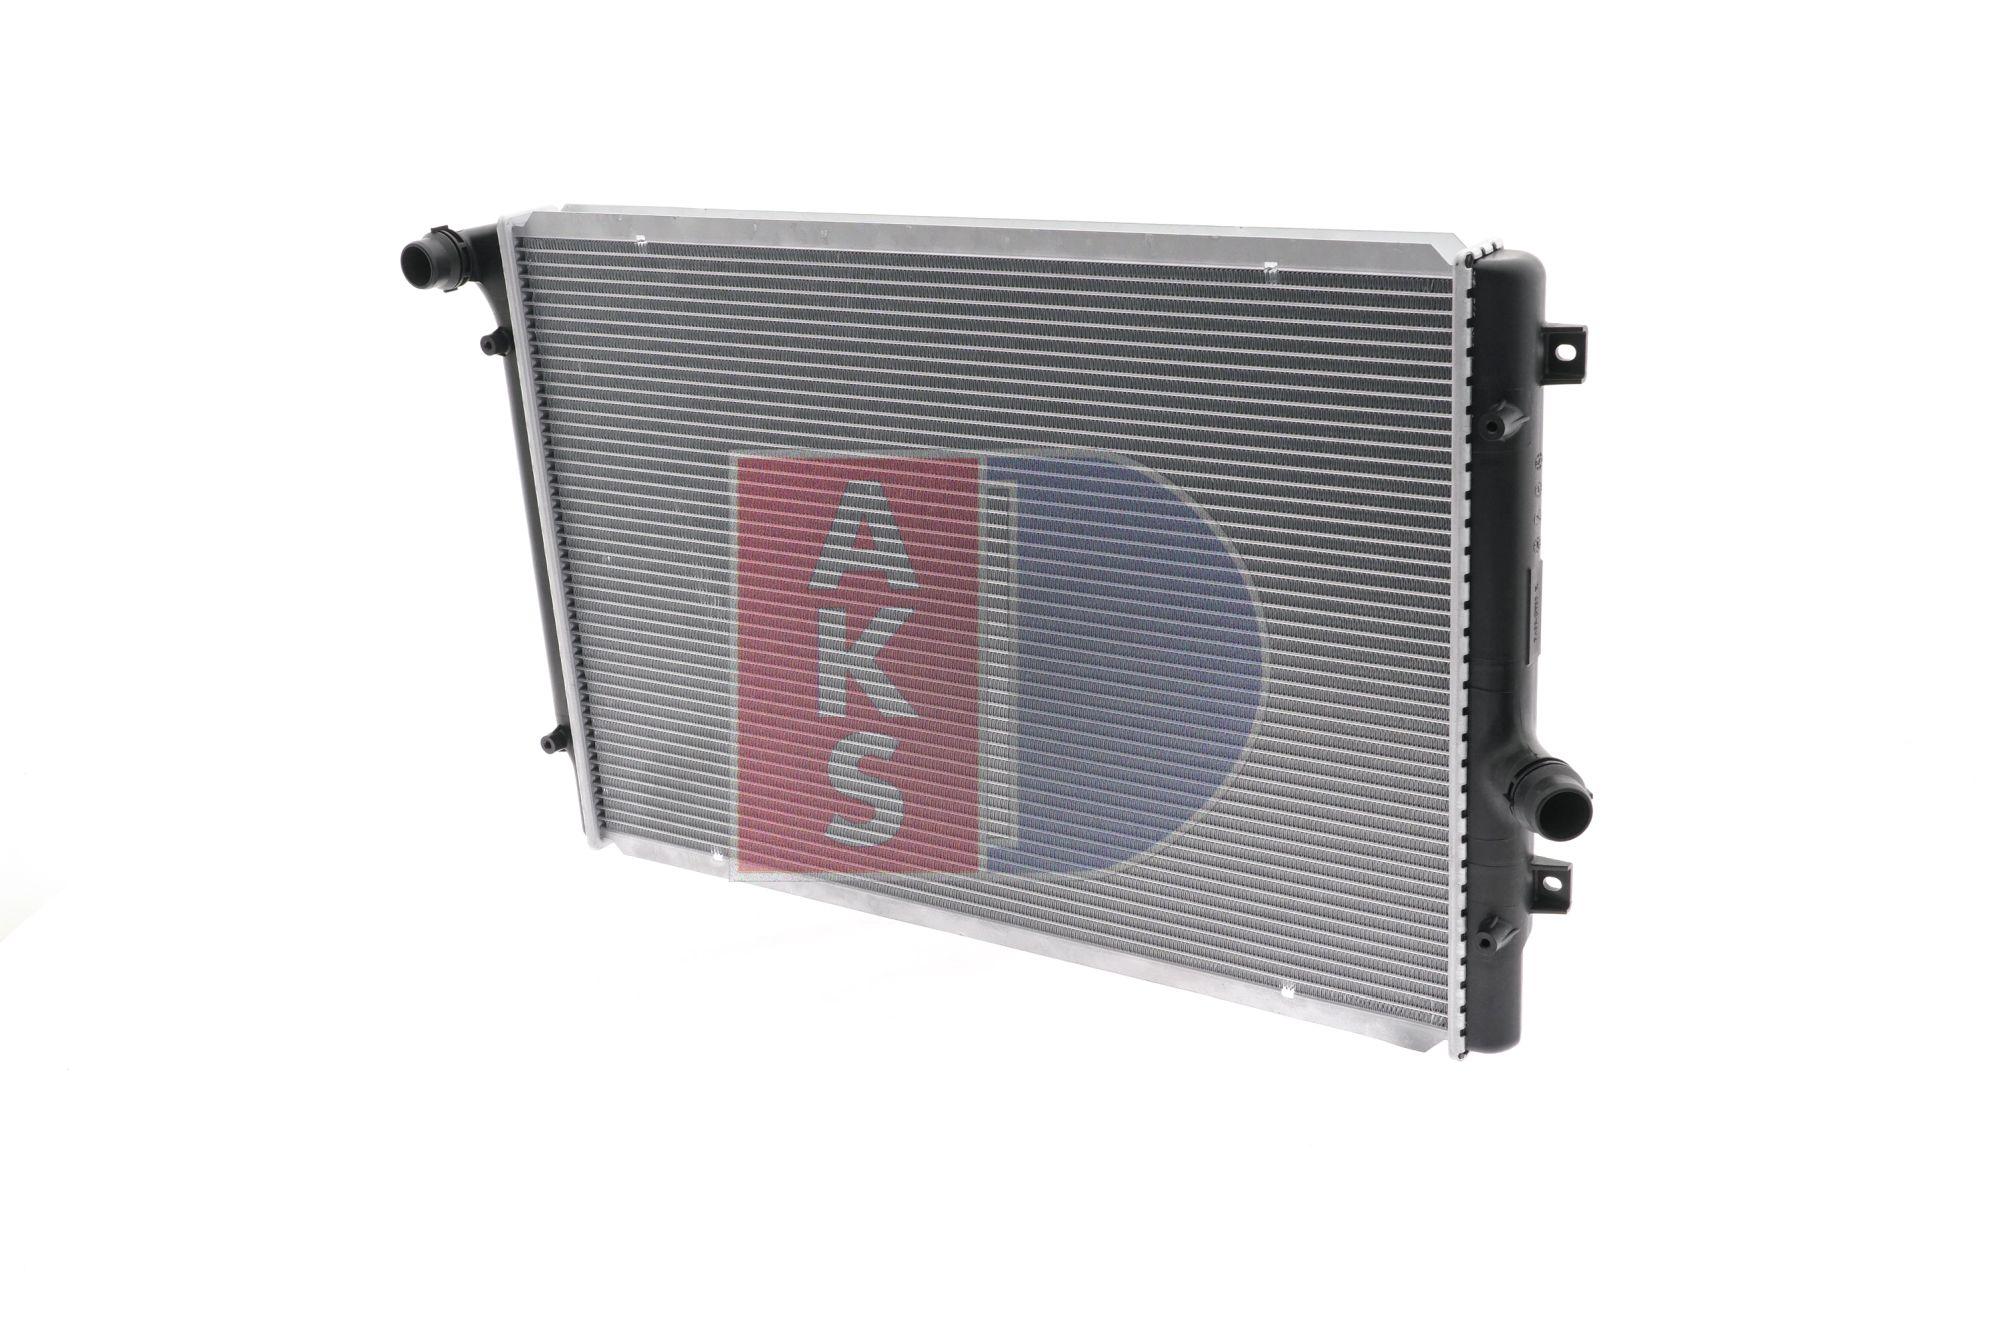 Kühler, Motorkühlung Netzmaße: 647x440x32 mit OEM-Nummer 1K0 121 251DD